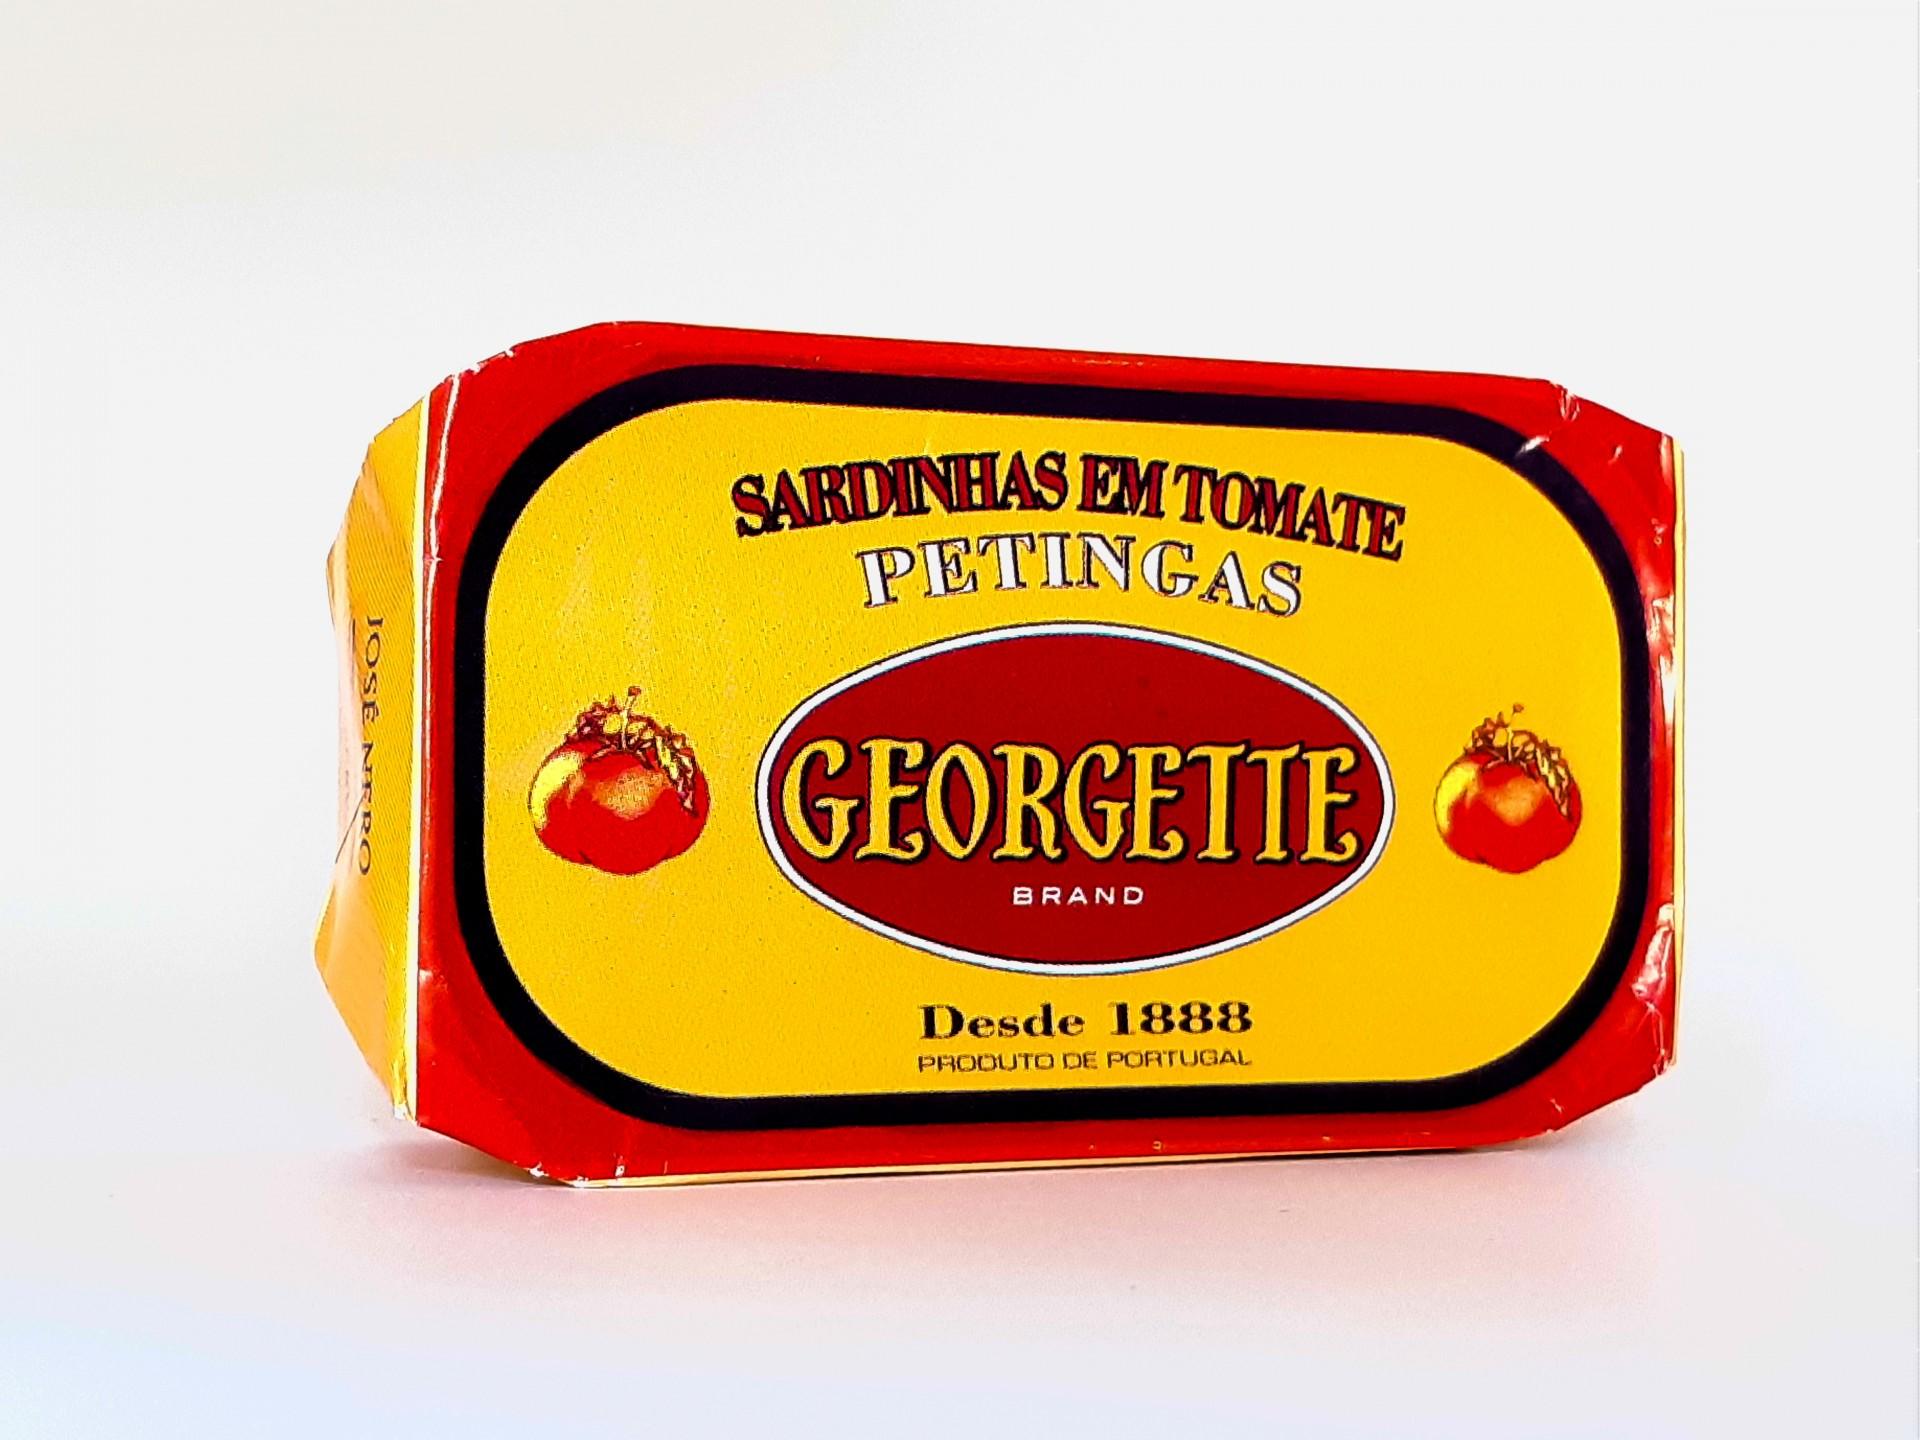 Sardinhas em Tomate - Petingas